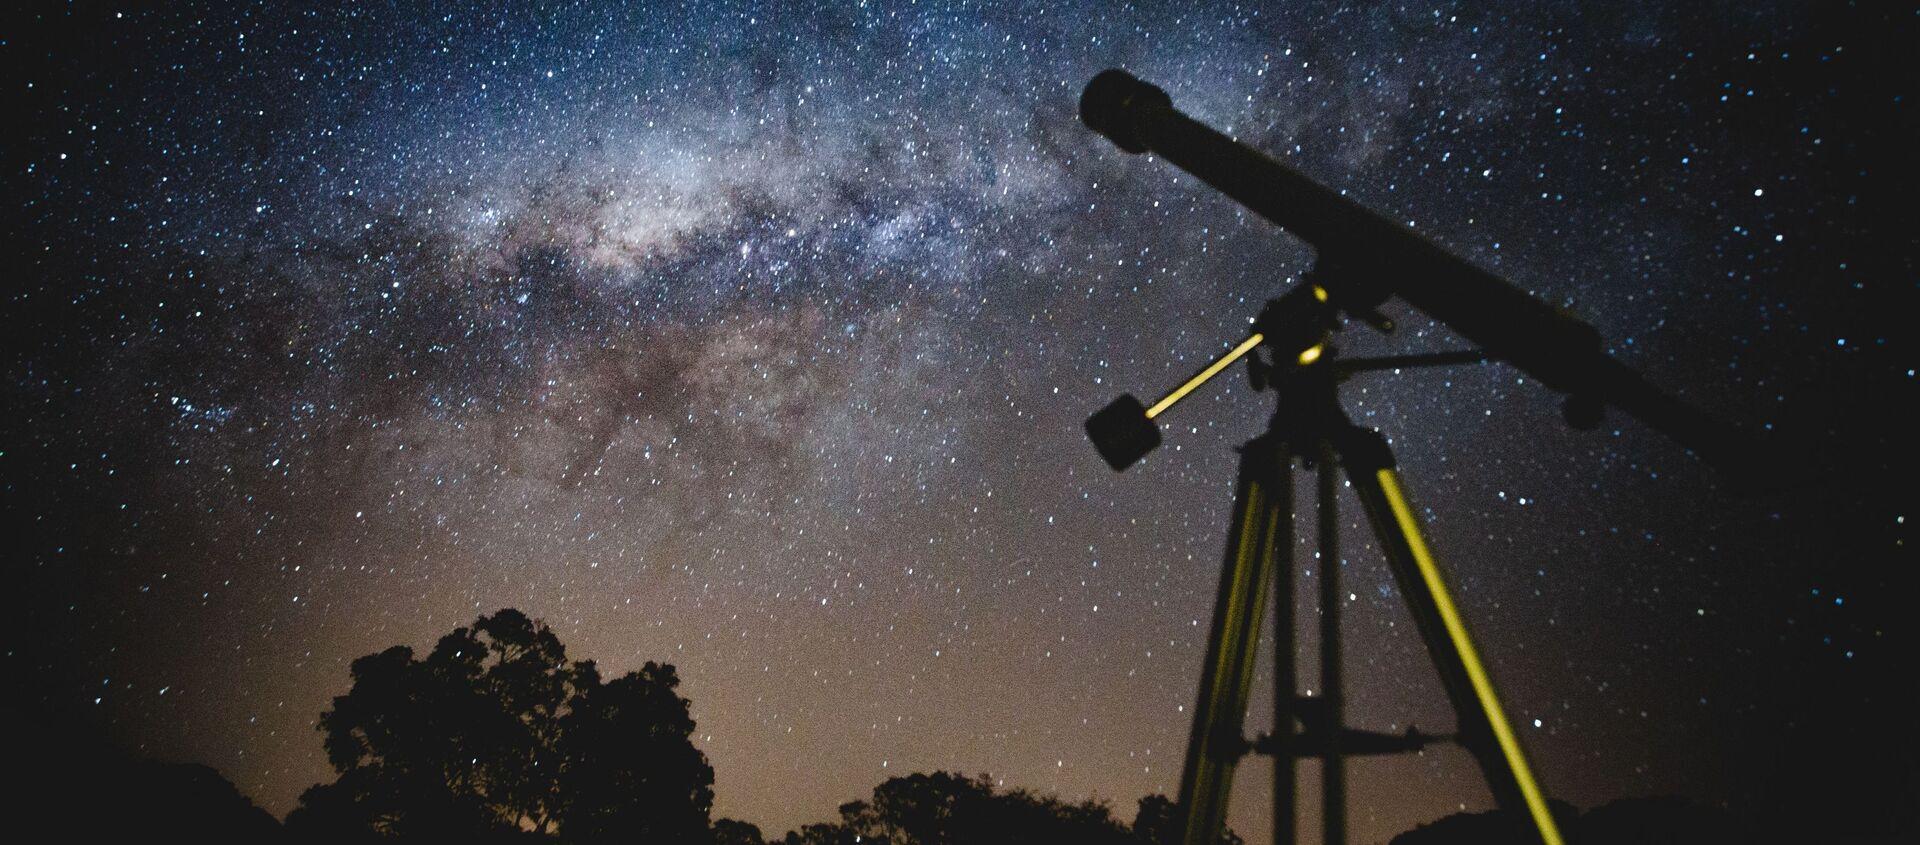 Un telescopio y el cielo lleno de estrellas - Sputnik Mundo, 1920, 25.10.2020